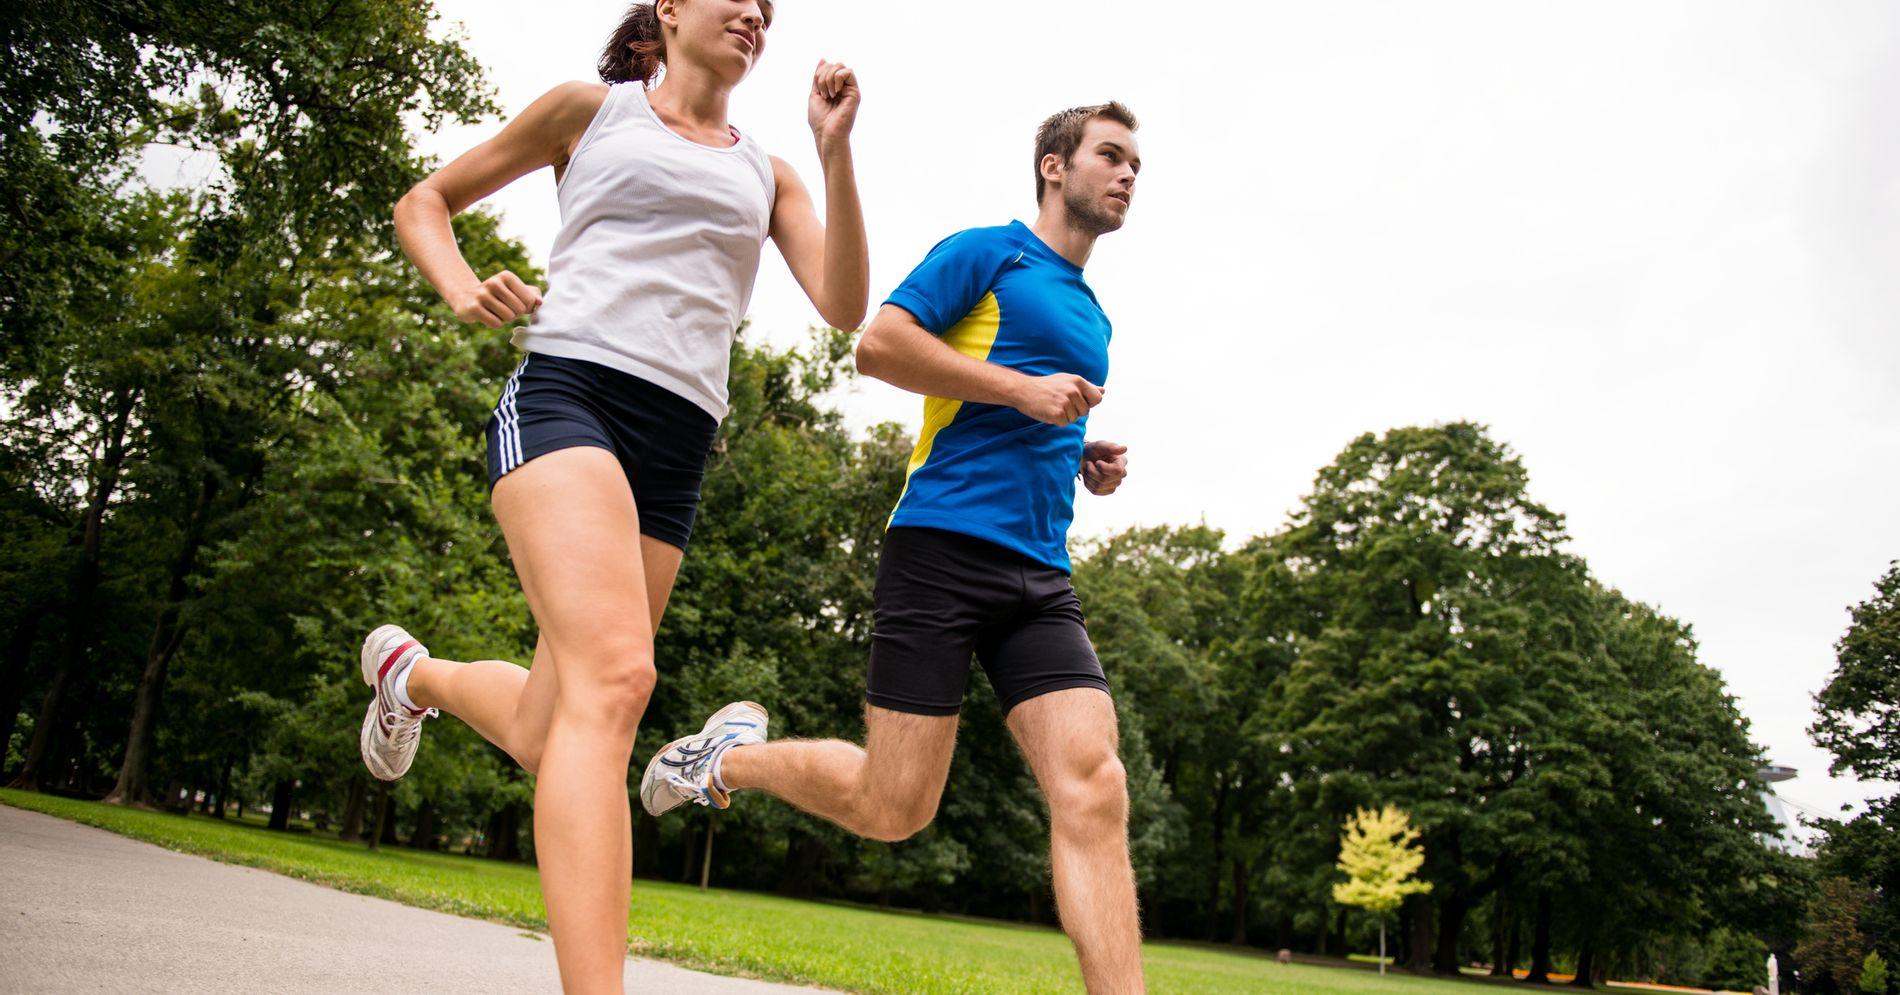 Можно ли с удовольствием тренироваться каждый день?